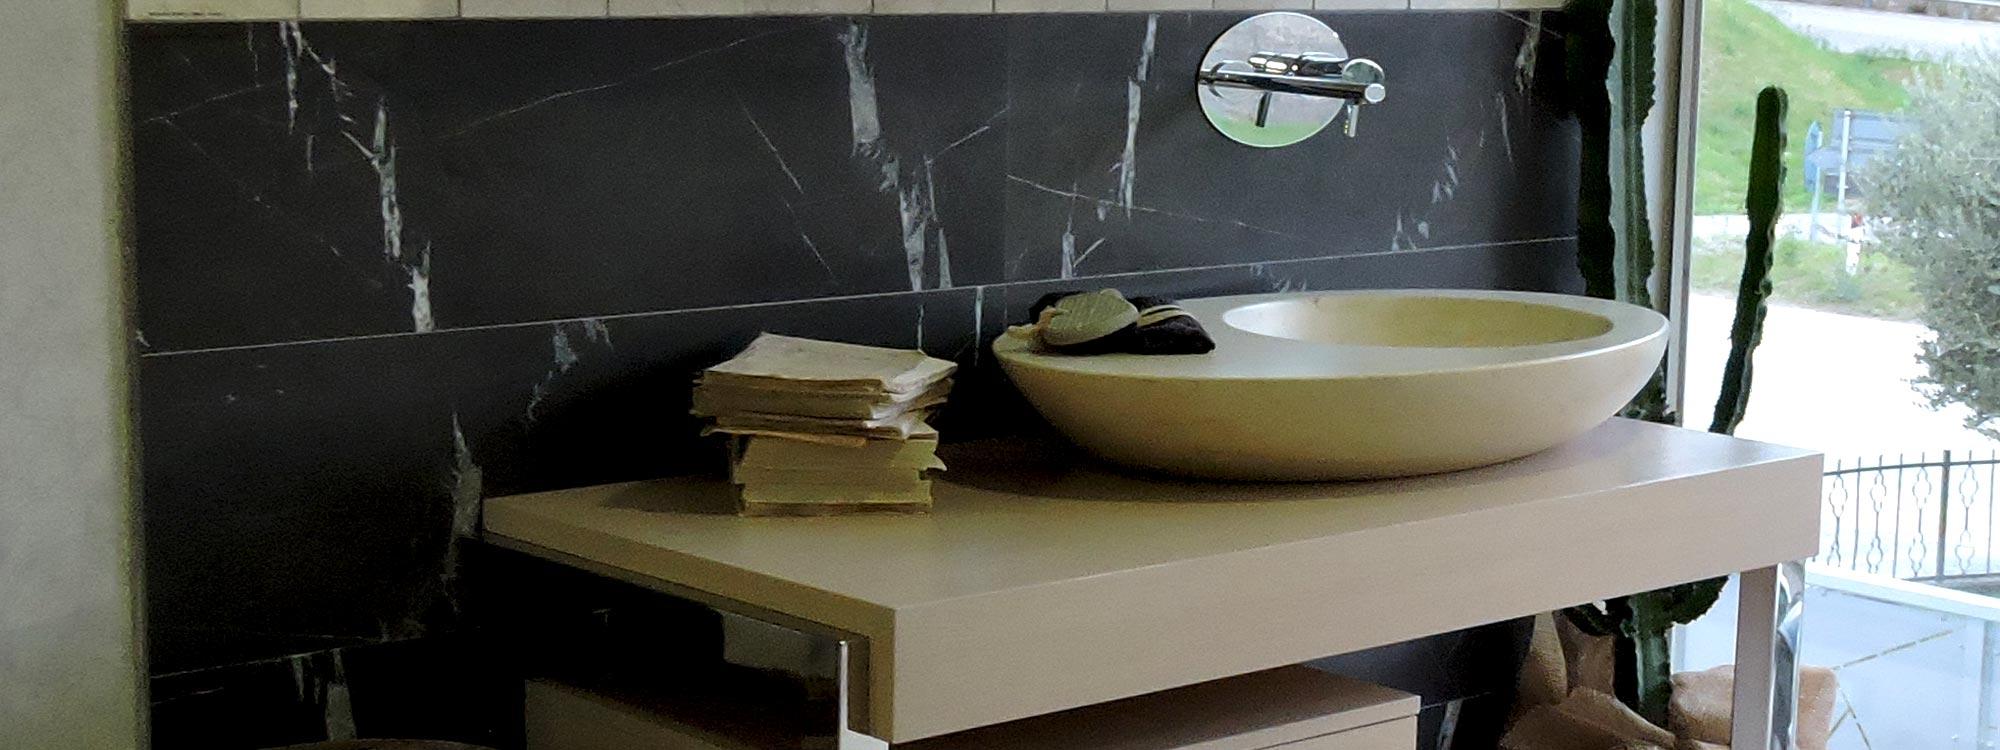 arredo bagno | arredo bagno materiali edili | edilcasa caccamo - Prodotti Arredo Bagno